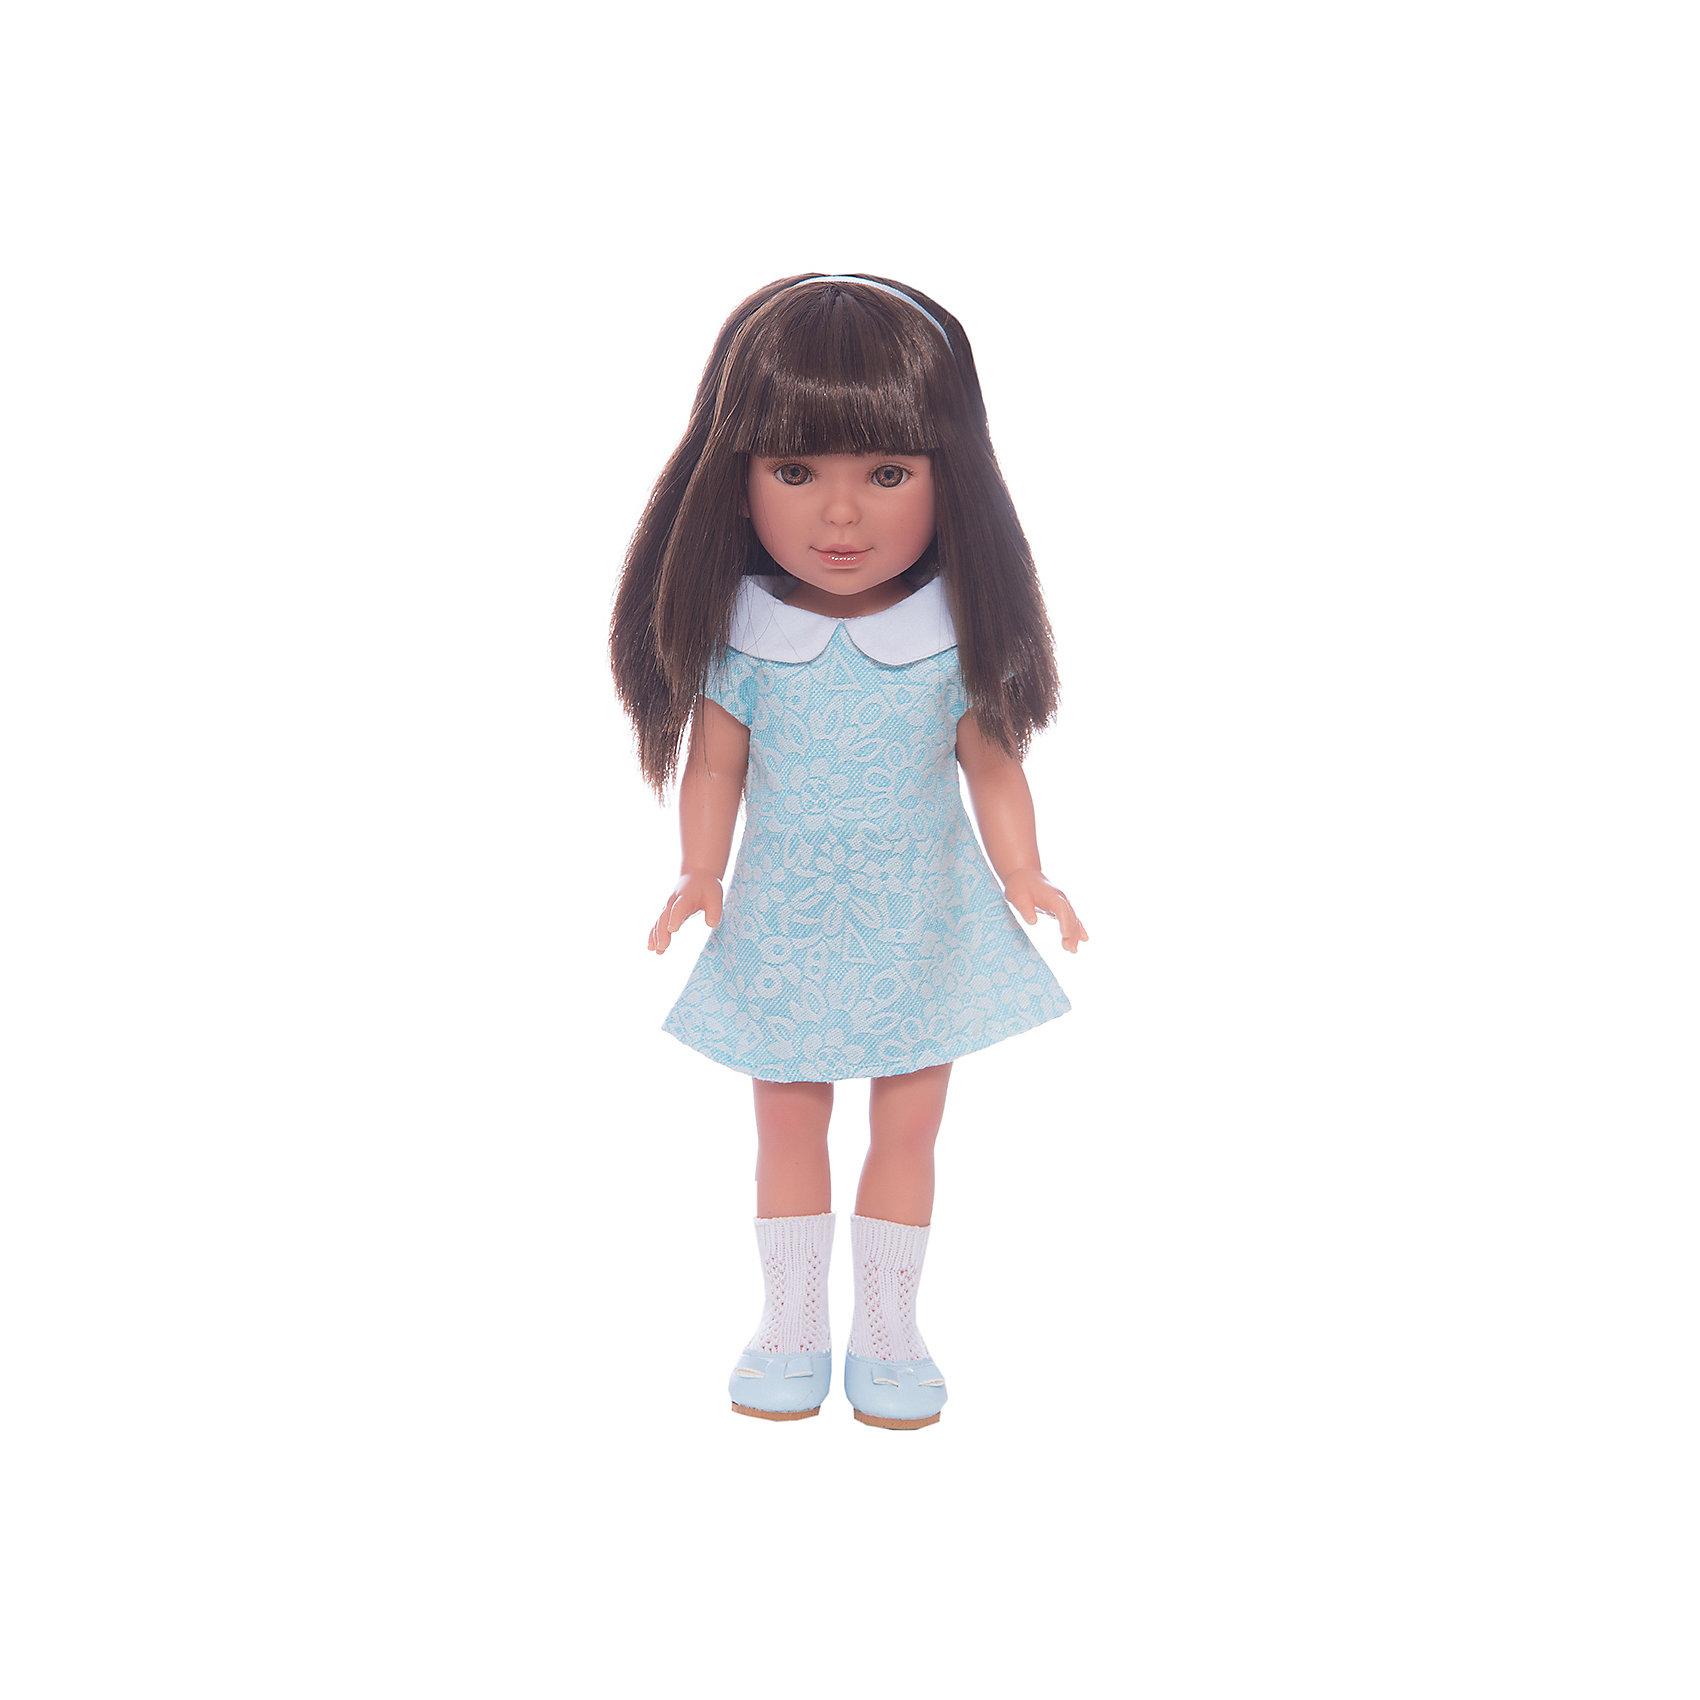 Кукла Паулина, брюнетка с челкой, Лето Оксфорд, Vestida de AzulКуклы<br>Характеристики товара:<br><br>• возраст: от 3 лет;<br>• материал: винил, текстиль;<br>• в комплекте: кукла, платье;<br>• высота куклы: 33 см;<br>• размер упаковки: 40,5х22,5х10,5 см;<br>• вес упаковки: 700 гр.;<br>• страна производитель: Испания.<br><br>Кукла Паулина брюнетка с челкой «Лето Оксфорд» Vestida de Azul одета в голубое платье и туфельки. У Паулины милое личико с большими живыми глазками, щечками с легким румянцем. Густые темные волосы с челкой очень похожи на натуральные. Девочка сможет расчесывать их, укладывать, заплетать, придумывая кукле разнообразные прически.<br><br>Куклу Паулину брюнетка с челкой «Лето Оксфорд» Vestida de Azul можно приобрести в нашем интернет-магазине.<br><br>Ширина мм: 225<br>Глубина мм: 105<br>Высота мм: 405<br>Вес г: 700<br>Возраст от месяцев: 36<br>Возраст до месяцев: 2147483647<br>Пол: Женский<br>Возраст: Детский<br>SKU: 6844335